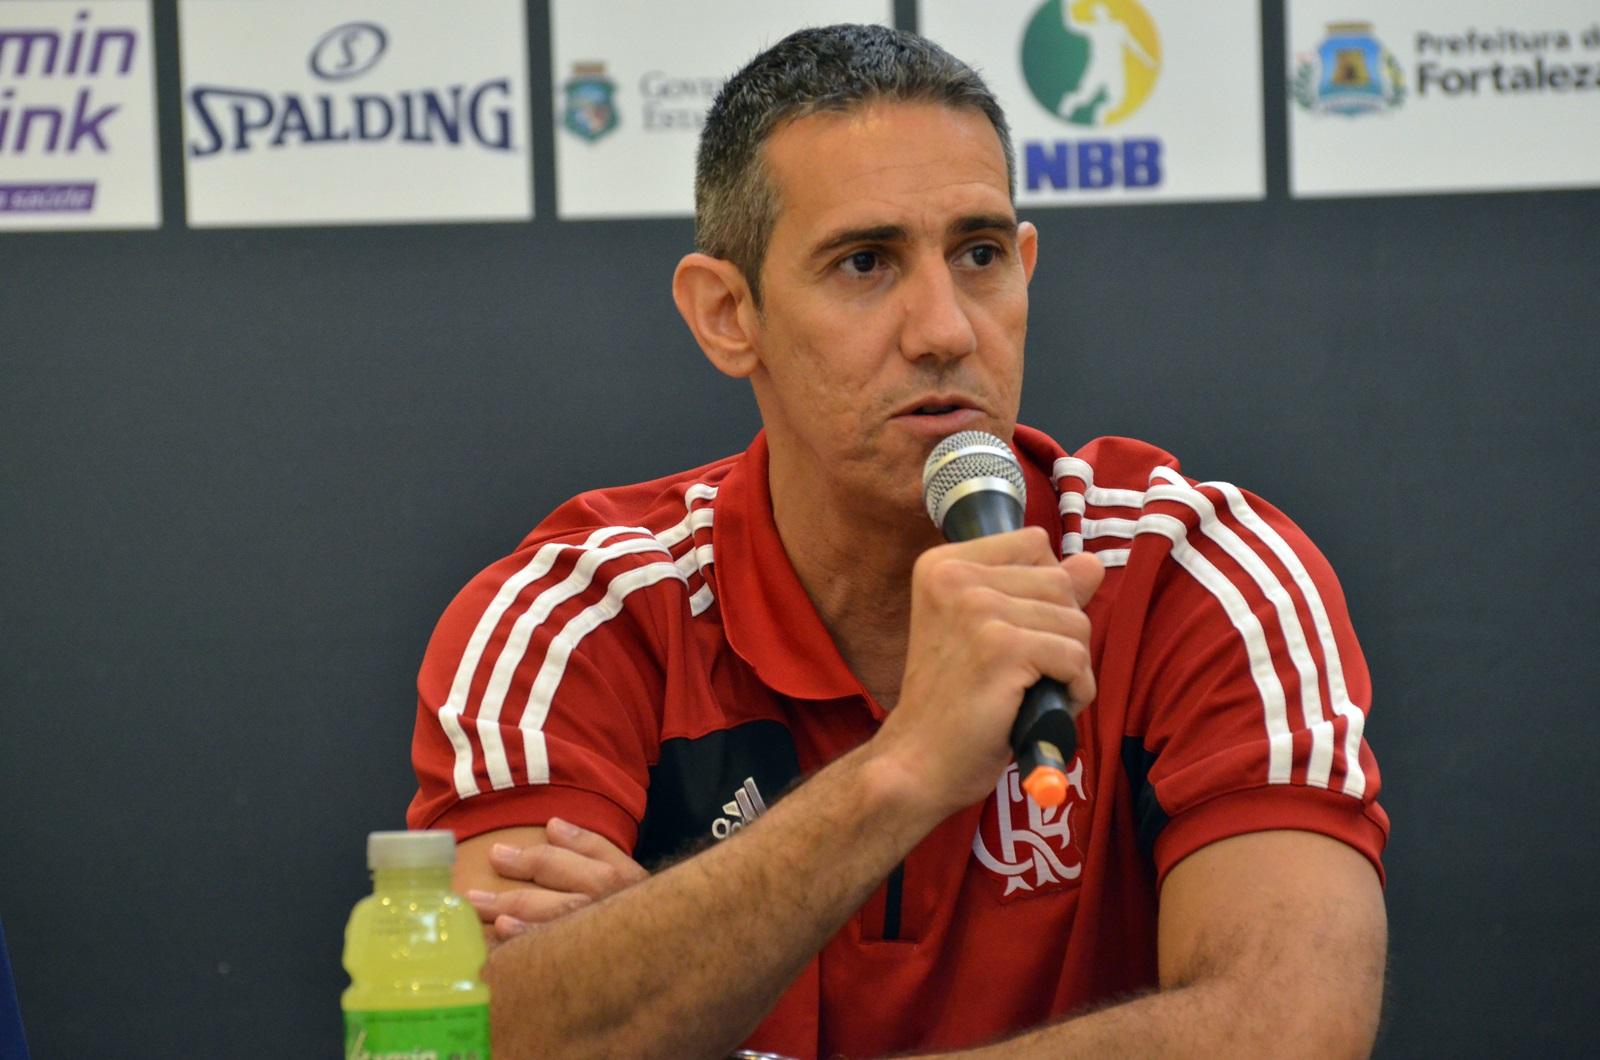 José Neto, técnico do Flamengo e do NBB Brasil